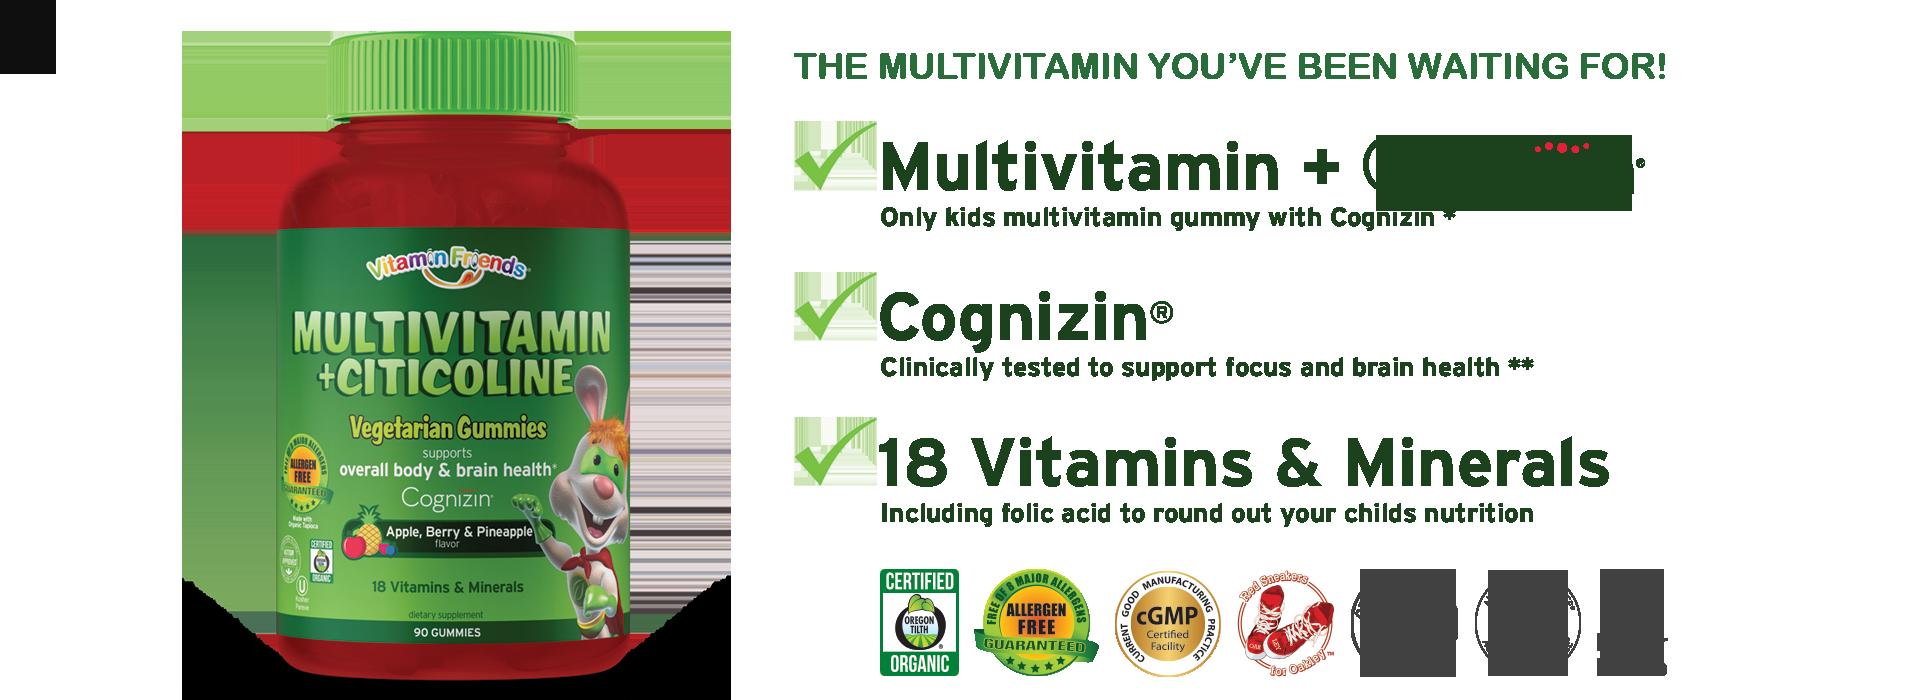 Vitamin Friends Multivitamin with Cognizin